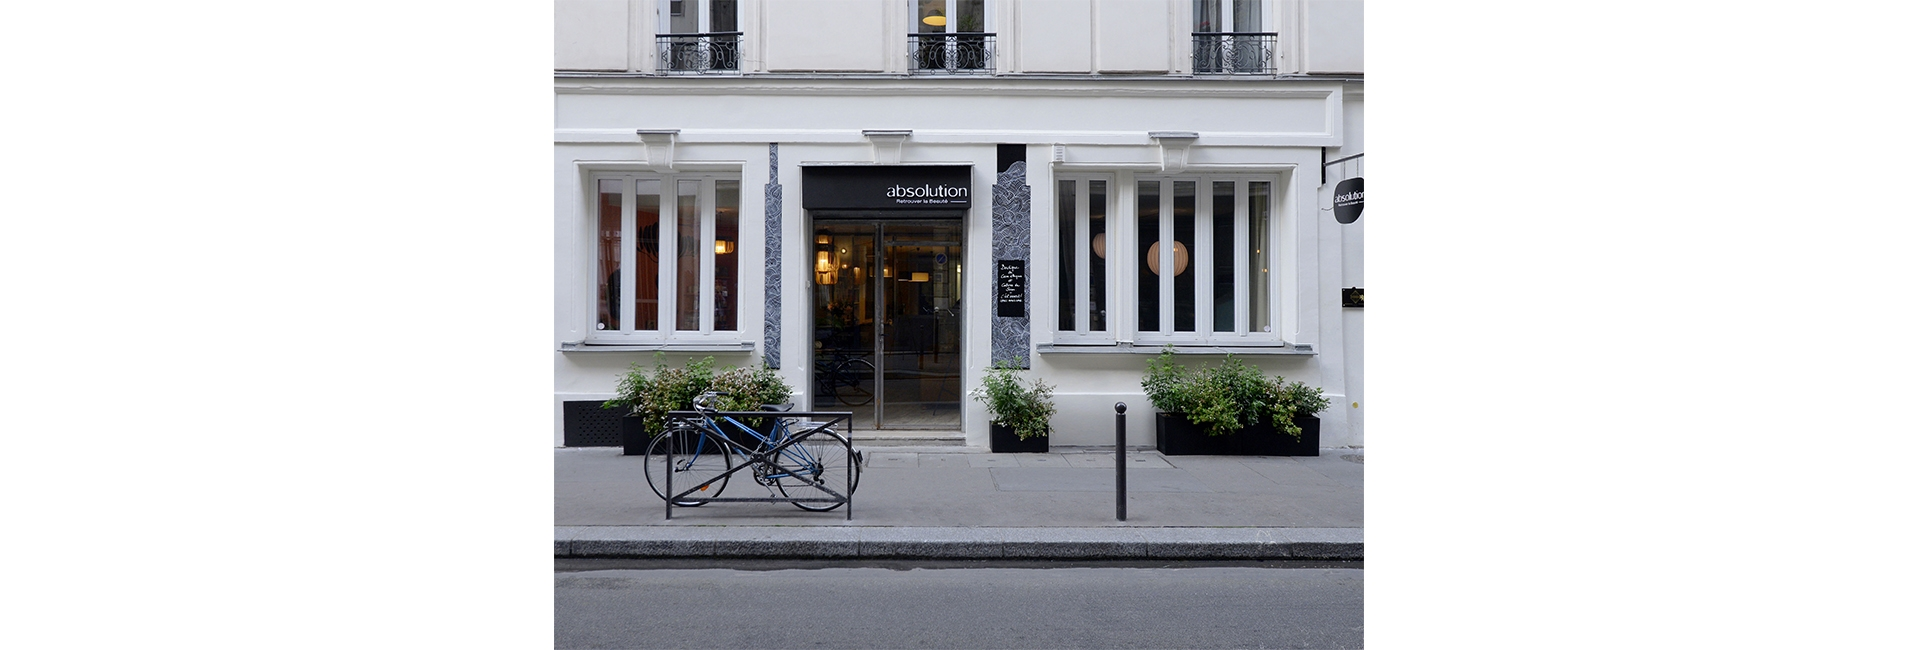 absolution-boutique-devanture-blog-beaute-soin-parfum-homme